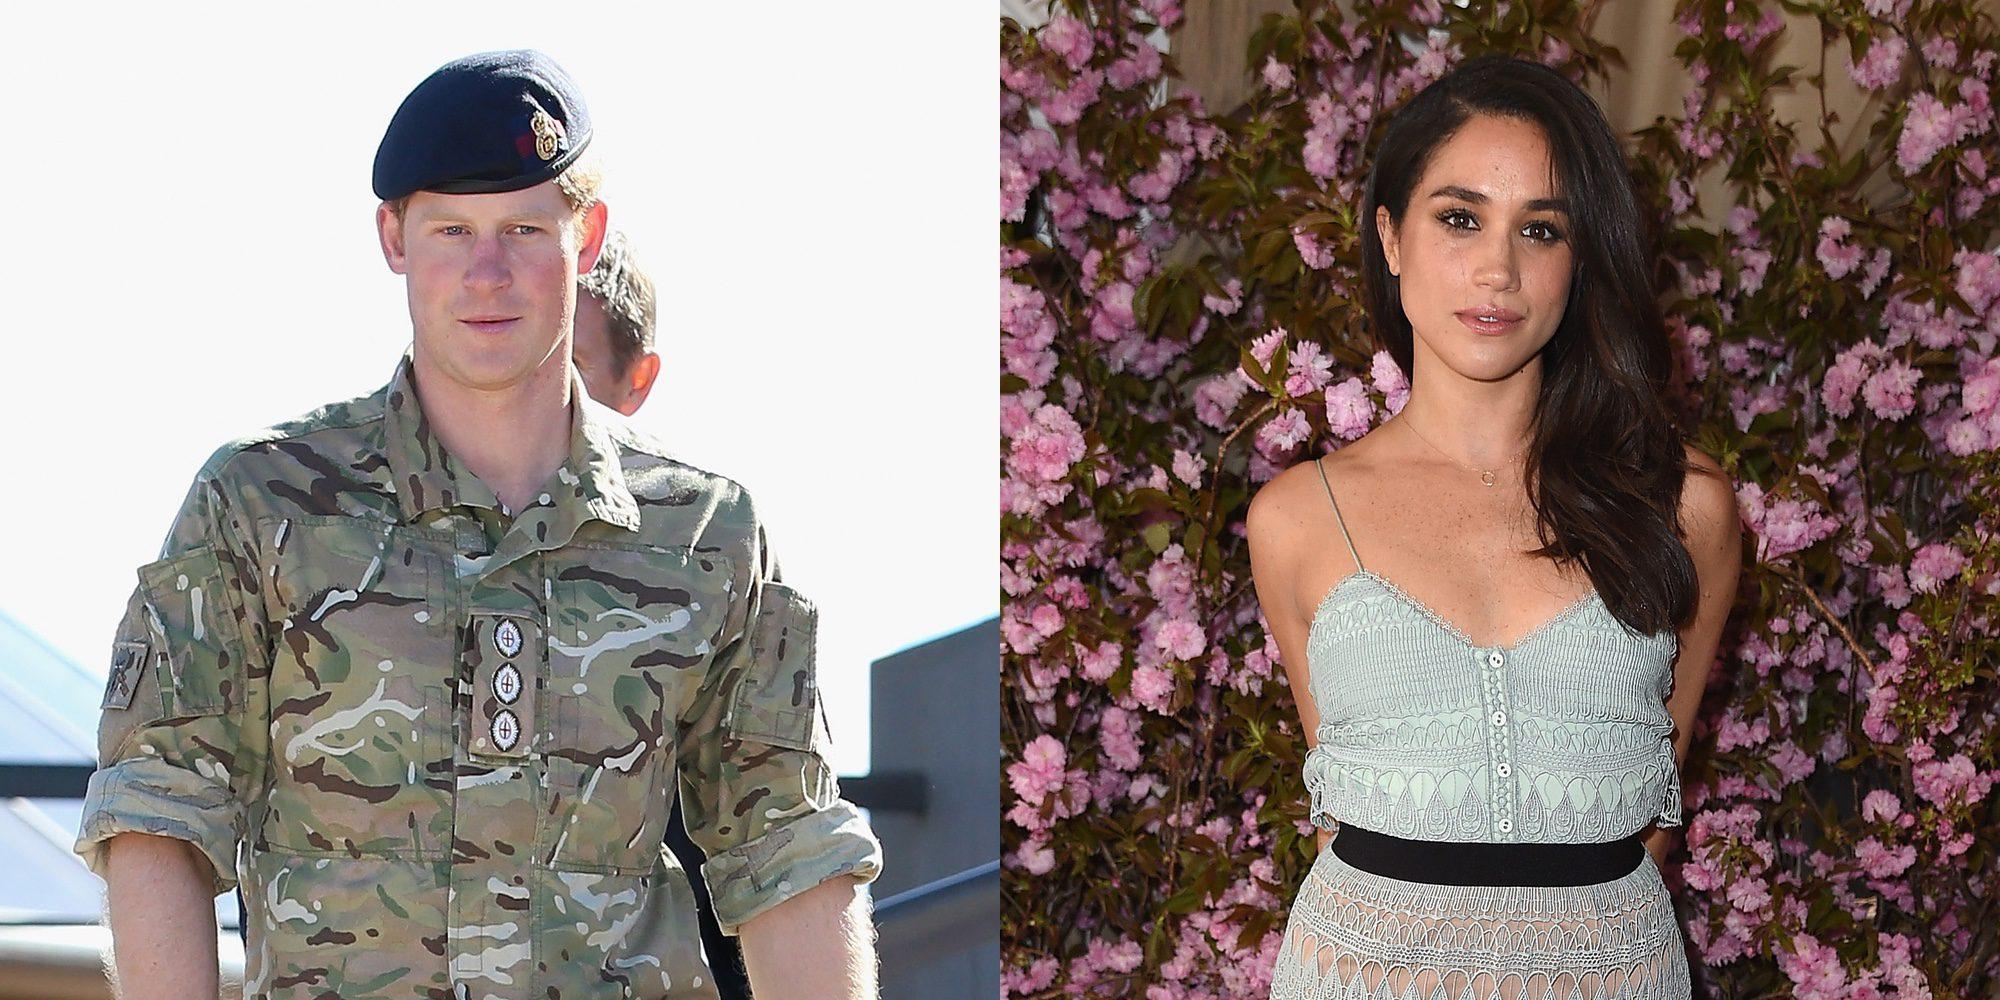 El Príncipe Harry confirma su relación con Meghan Markle y denuncia el acoso sufrido